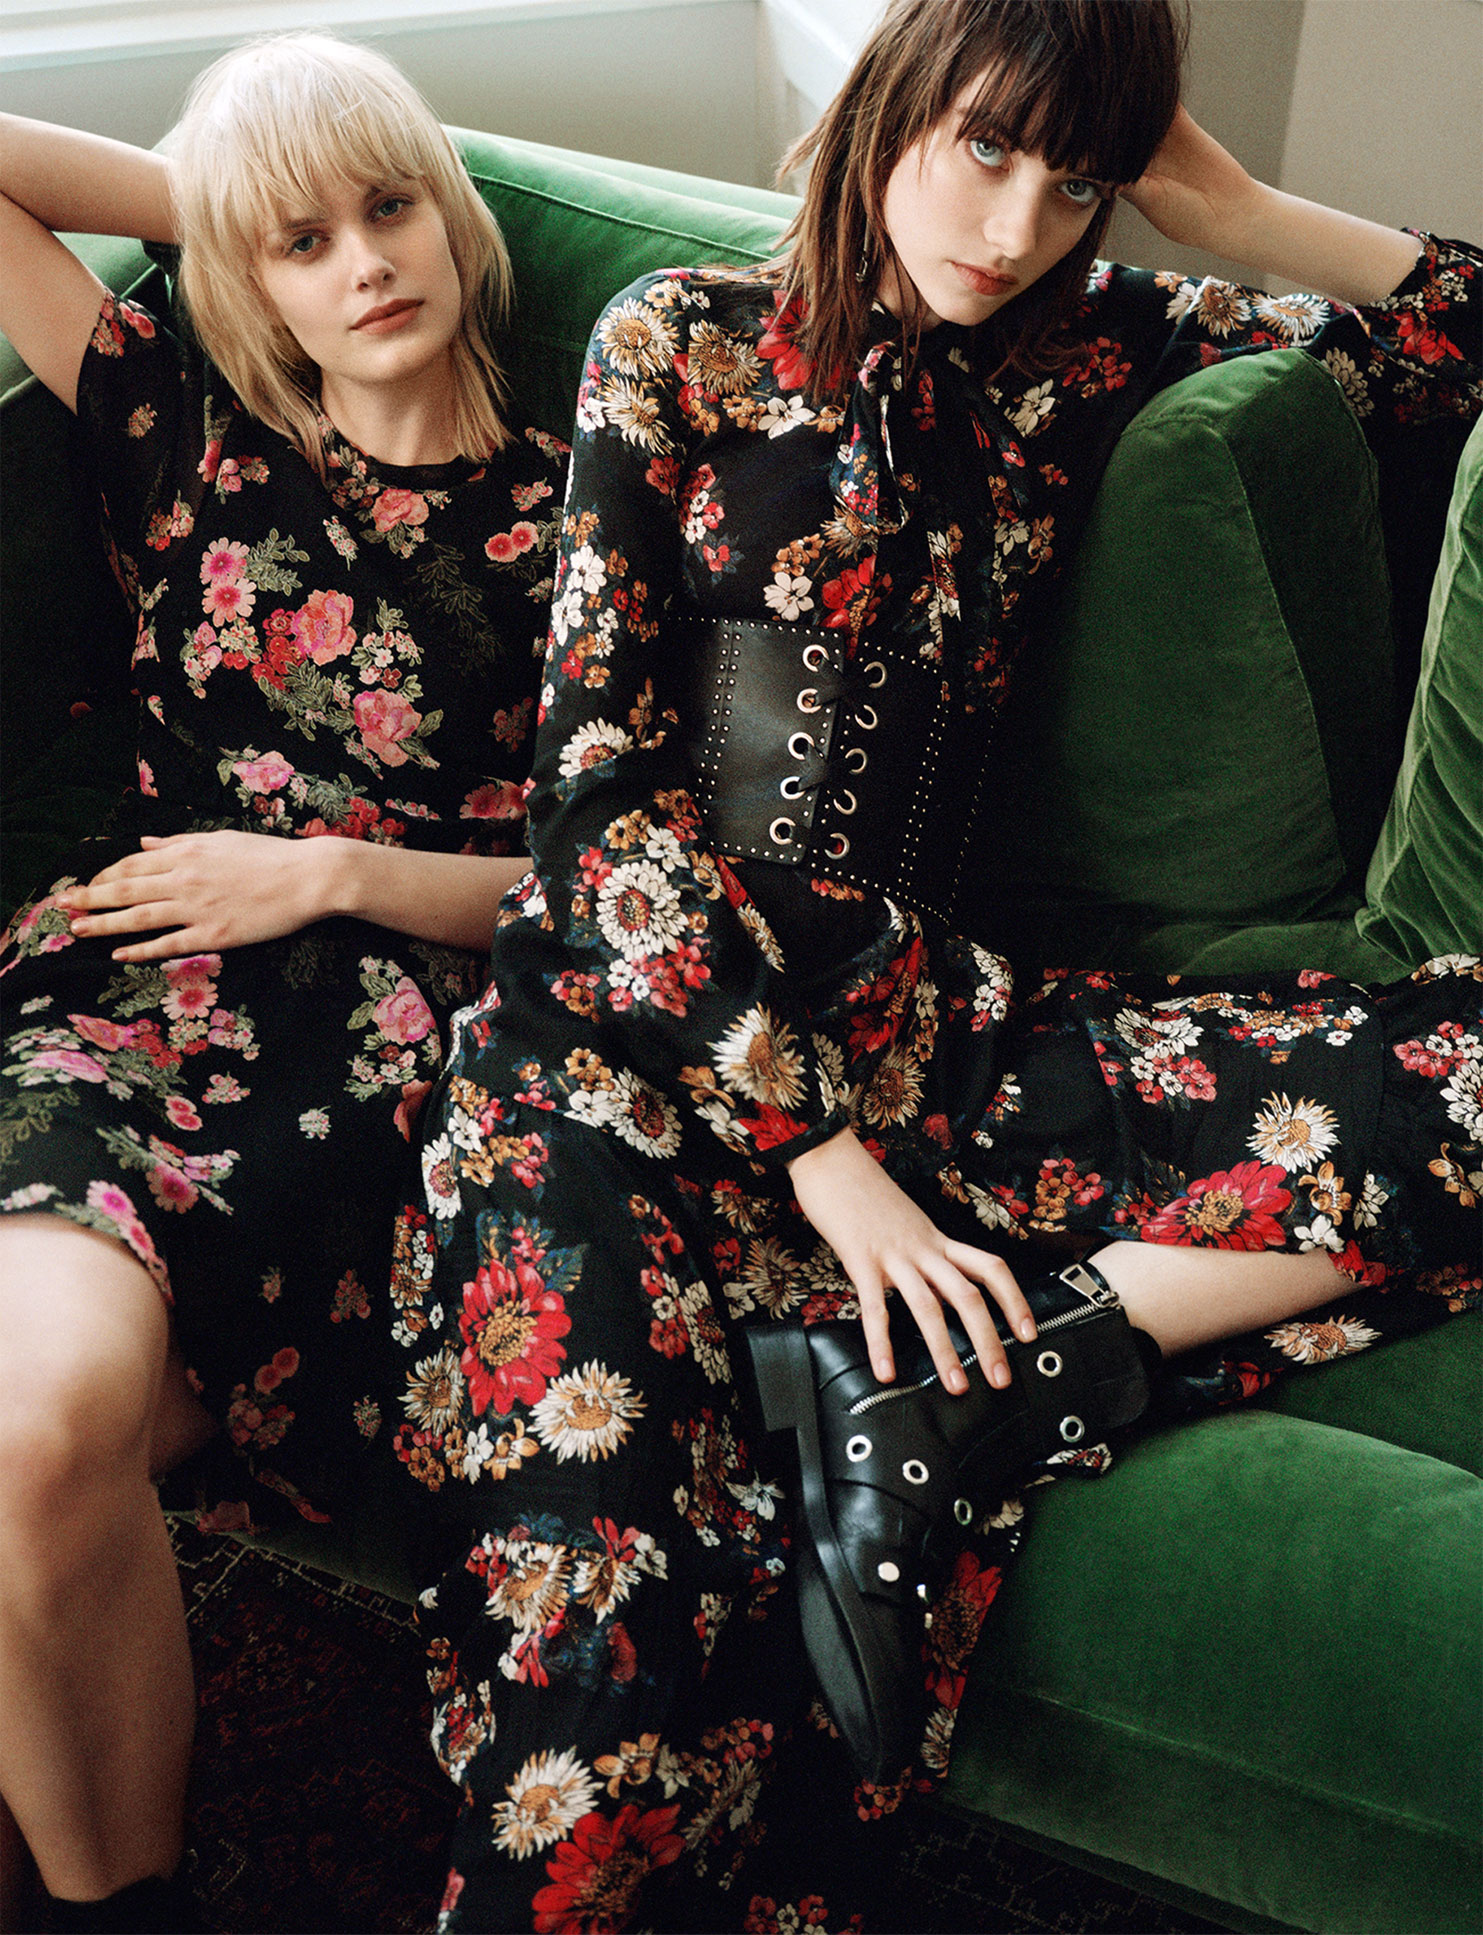 Vestiti a fiori per la primavera 2017: quali sono quelli più di moda?